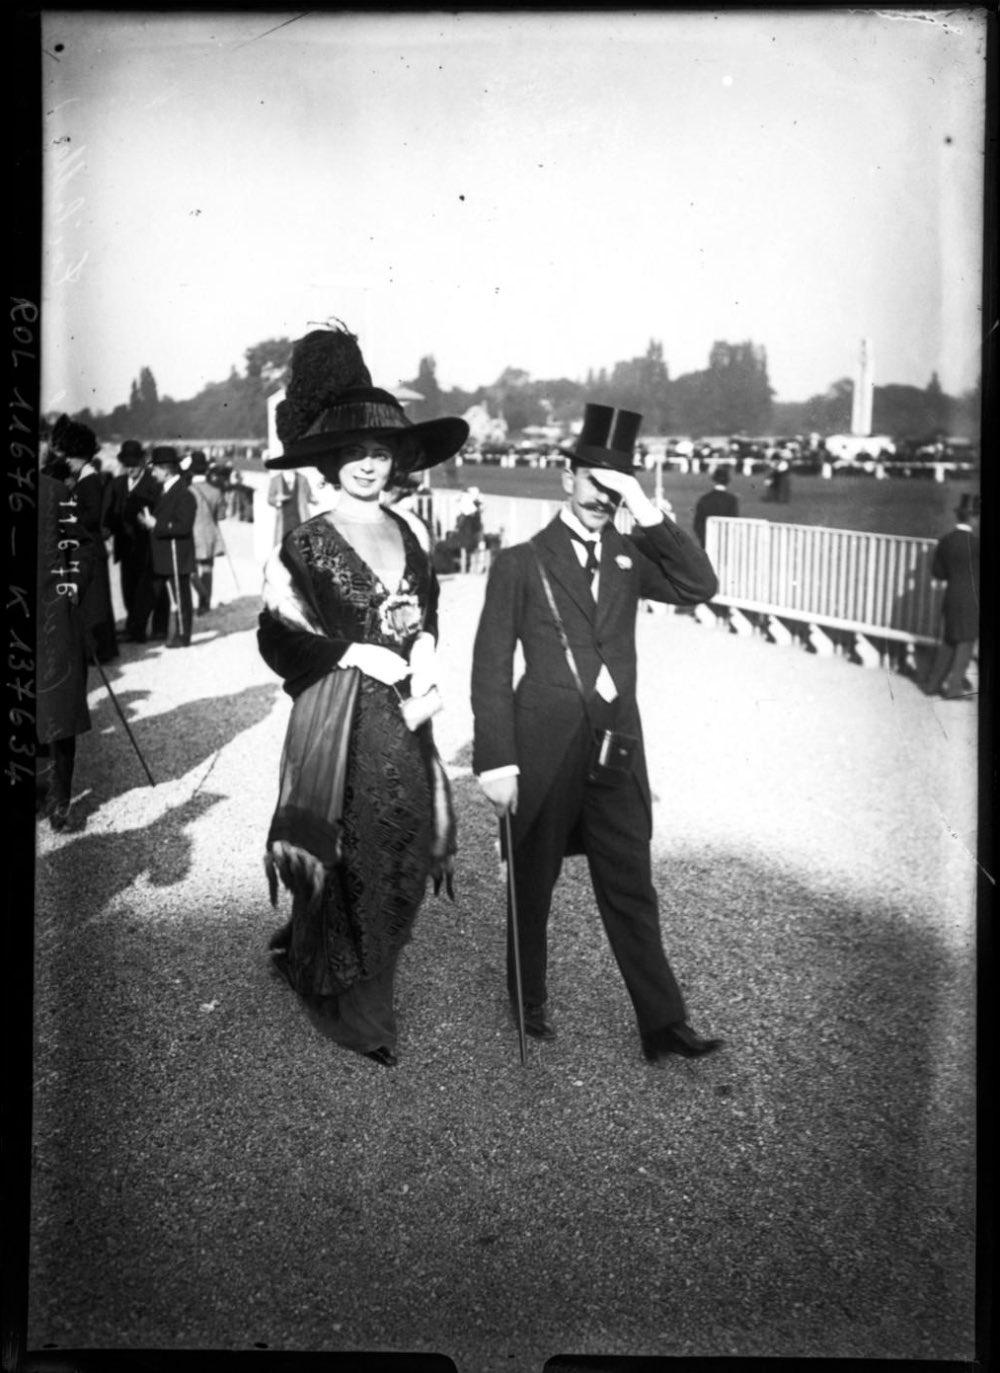 http://mashable.com/2014/11/13/paris-fashion-longchamp-races/